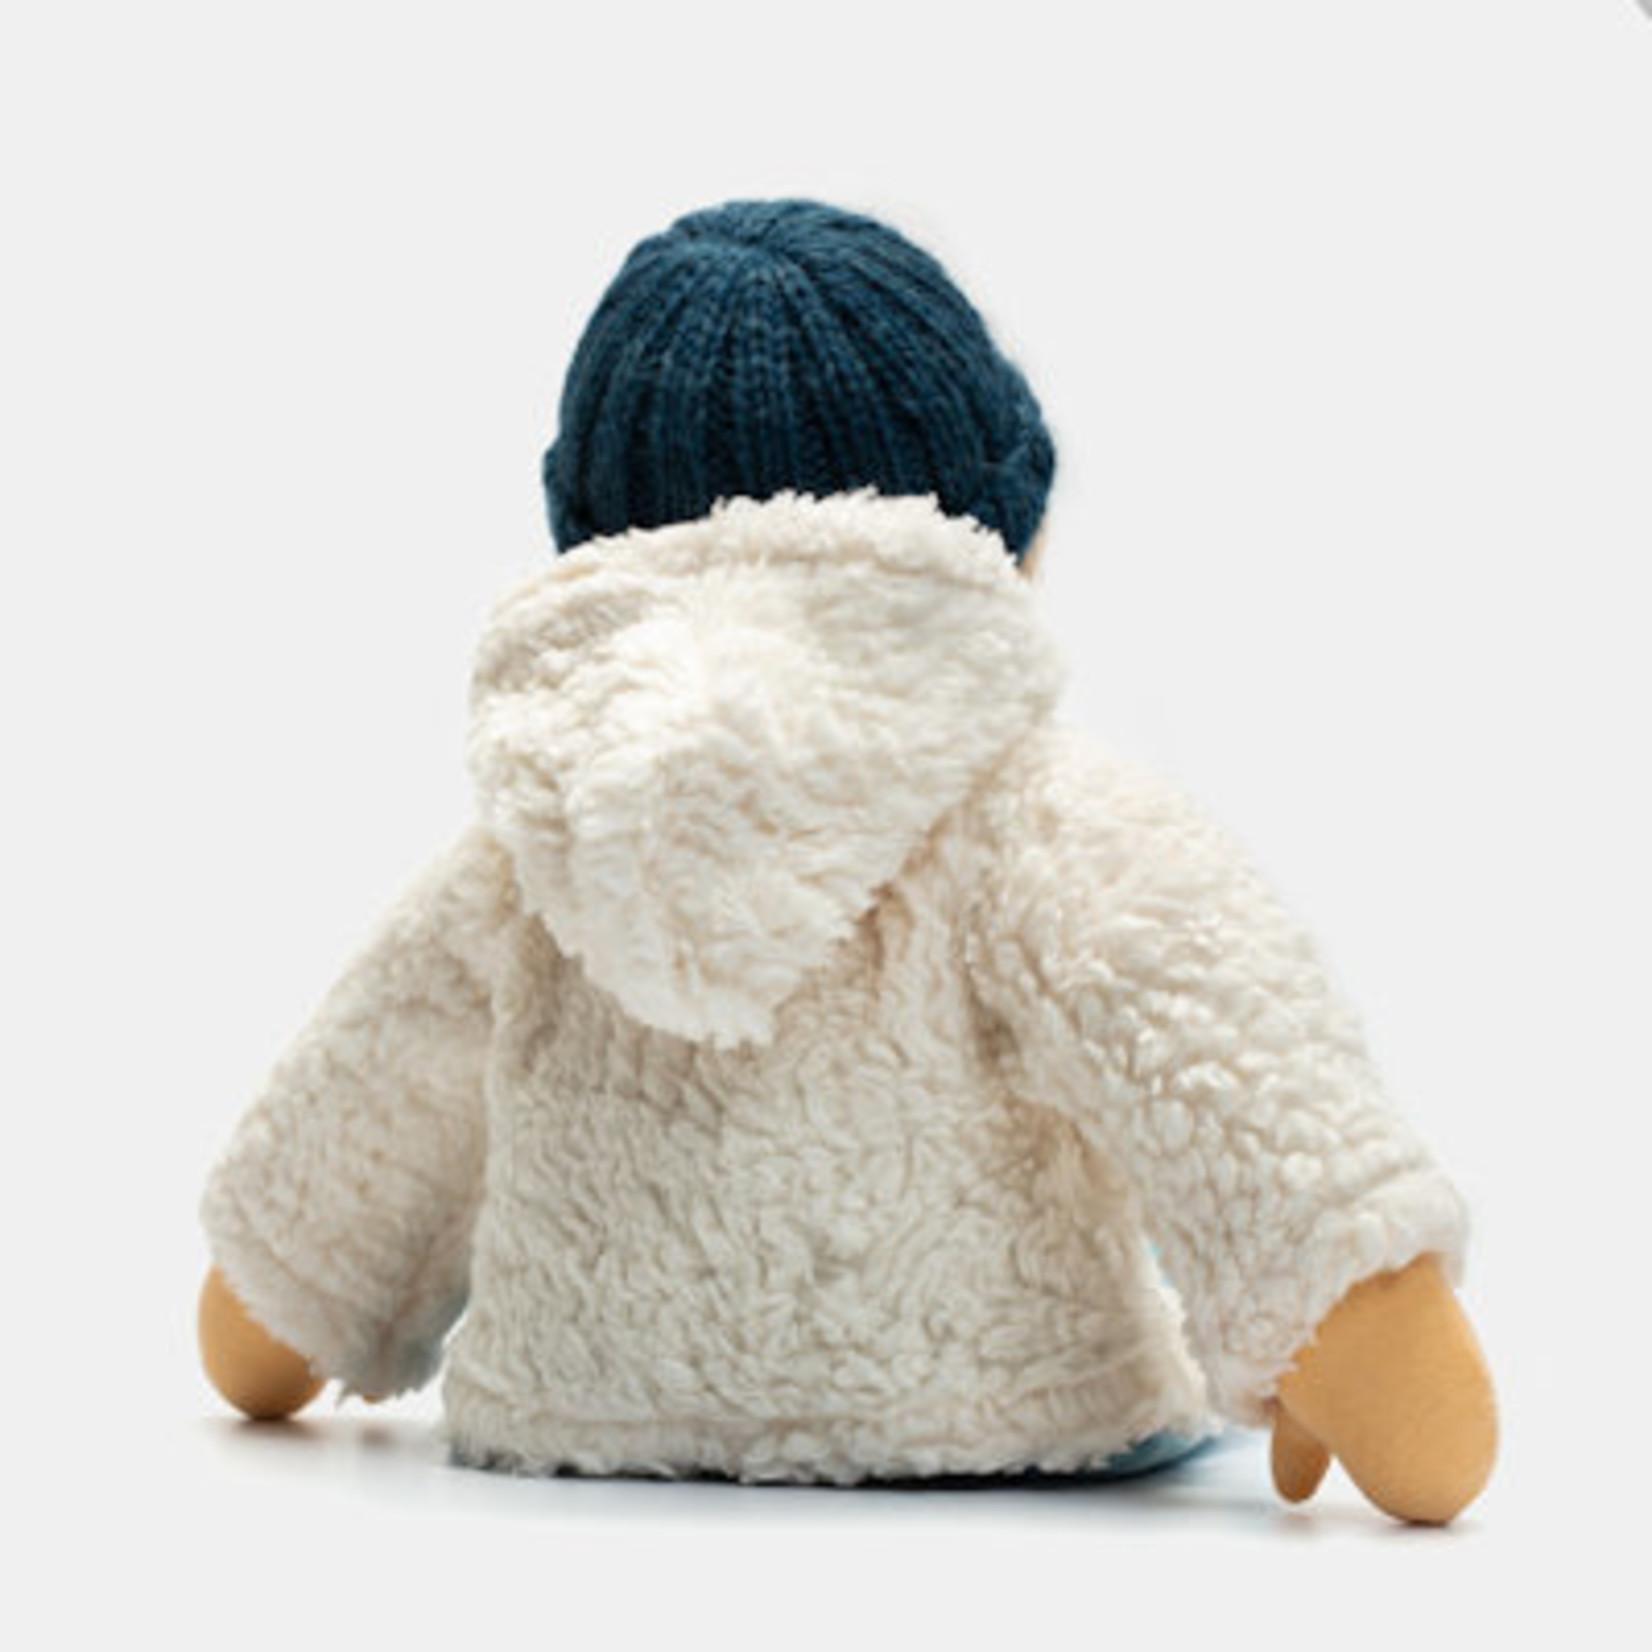 Nanchen Natur Aankleedpop Juli met handgebreid mutsje